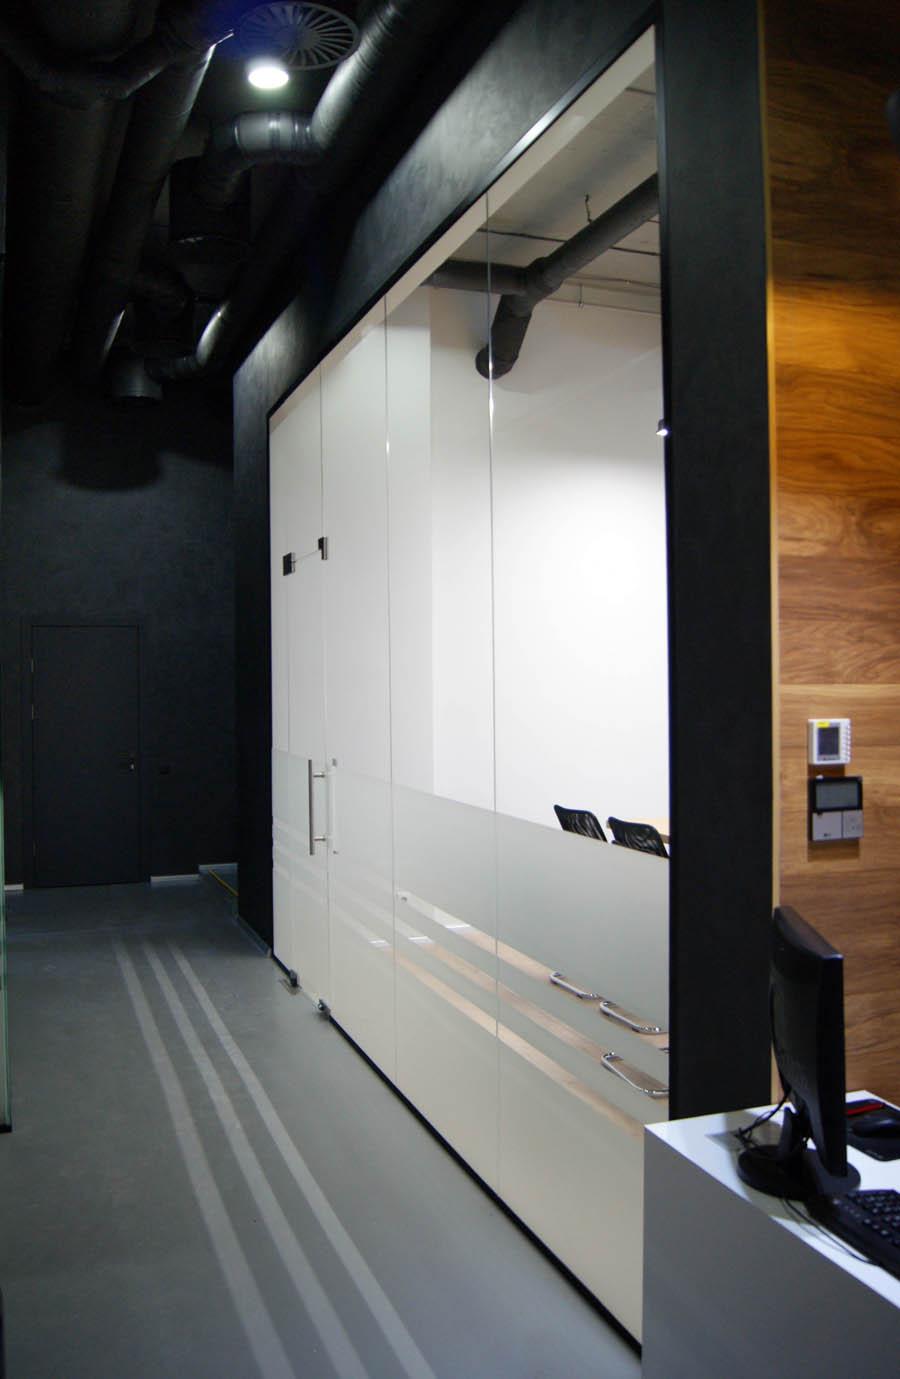 Офисная стеклянная перегородка в окрашеном алюминиевом профиле с матовым стеклом